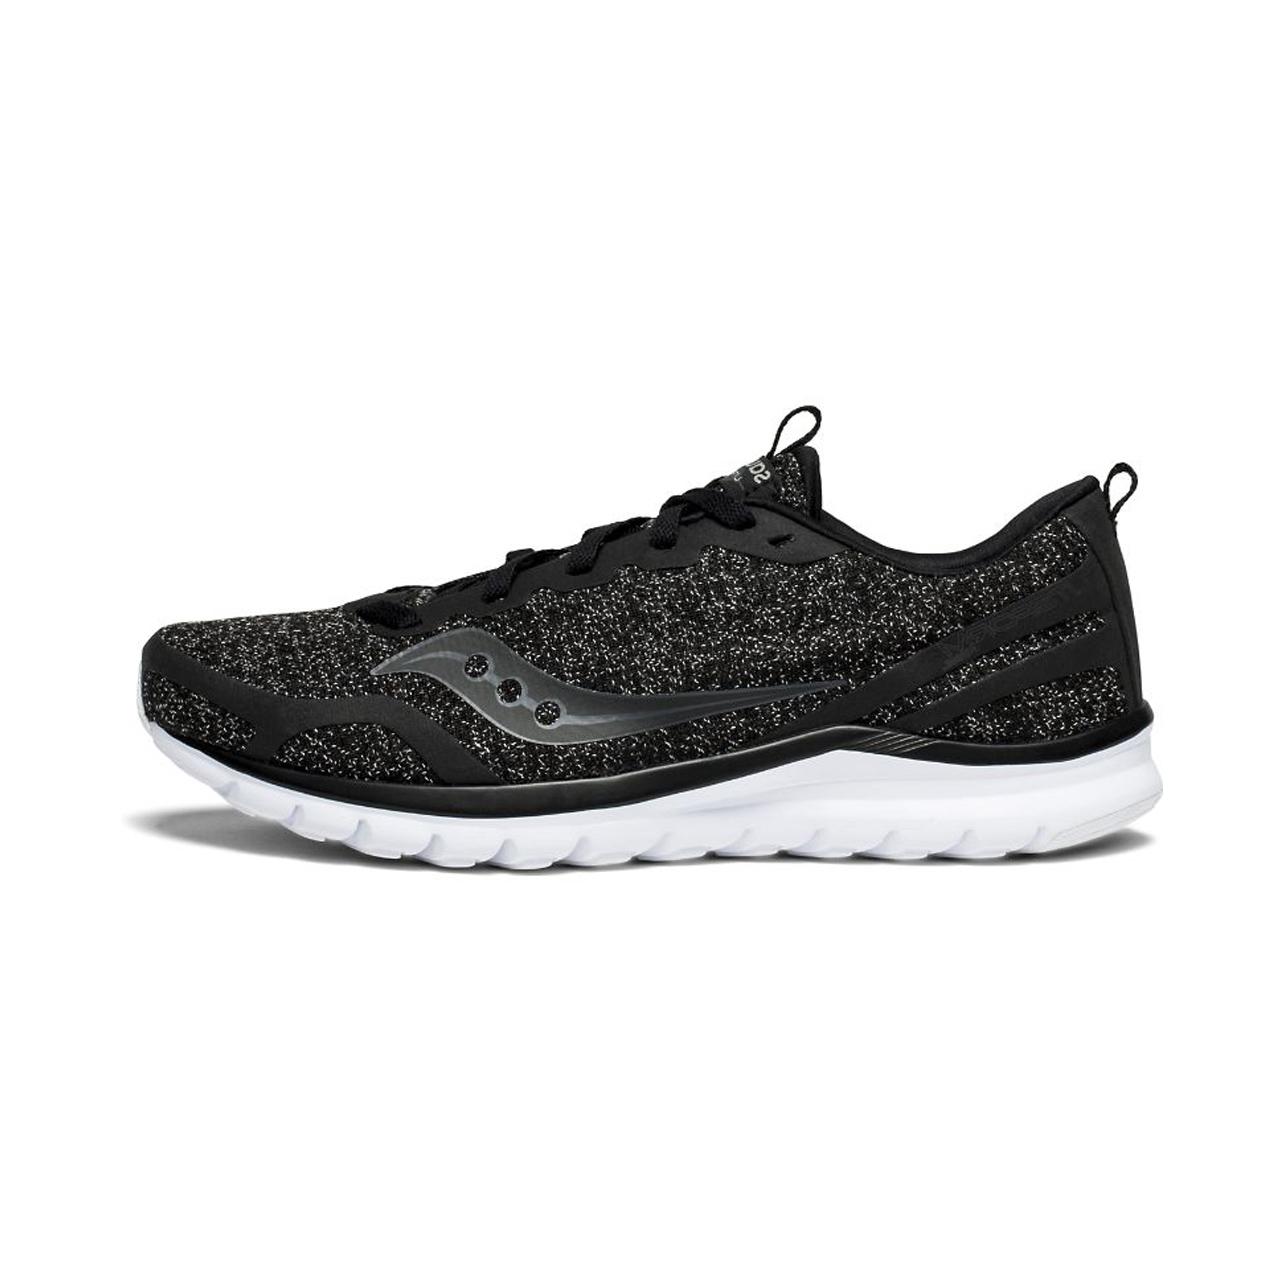 قیمت کفش مخصوص دویدن مردانه ساکنی مدل LITEFORM FEEL کد 4-S40008